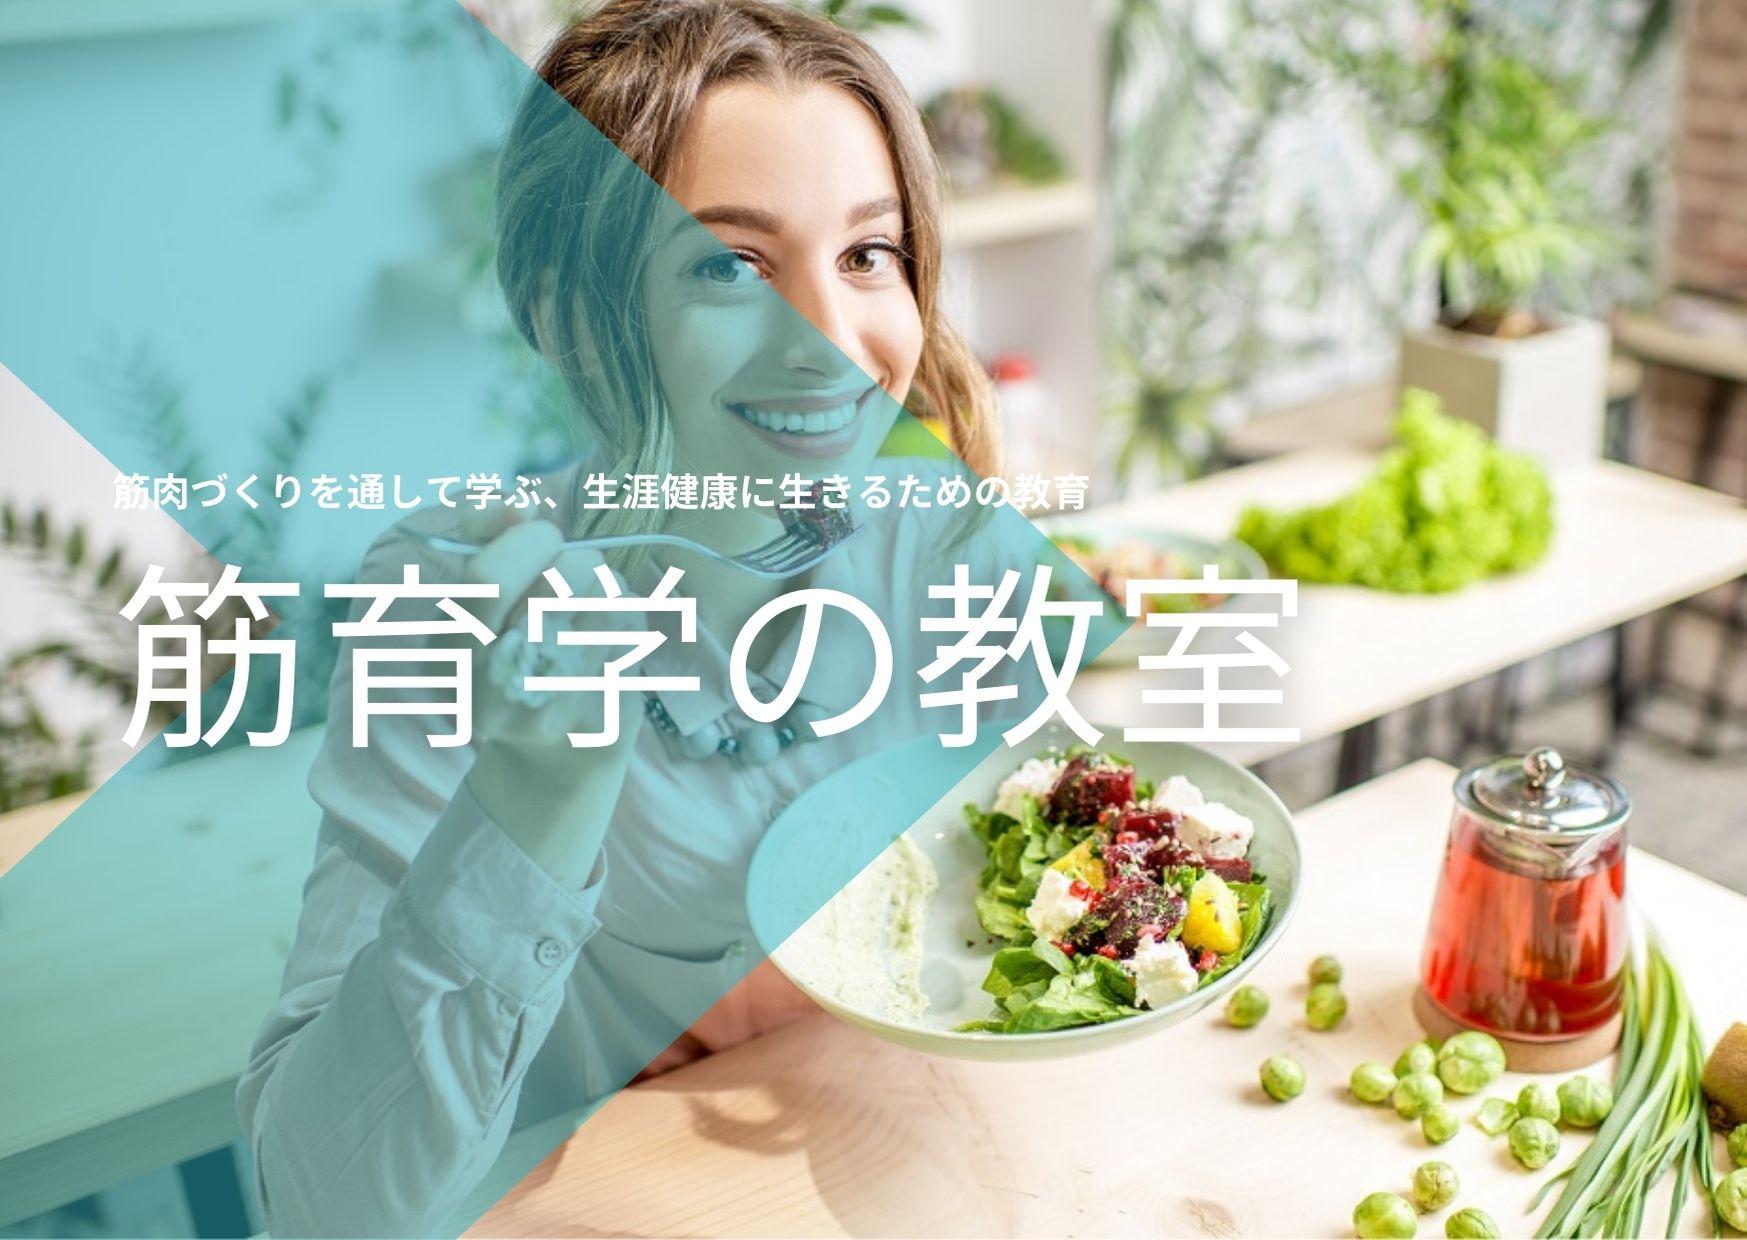 第13回 筋育栄養学の基礎知識:栄養素の働きと3大栄養素について(後編)